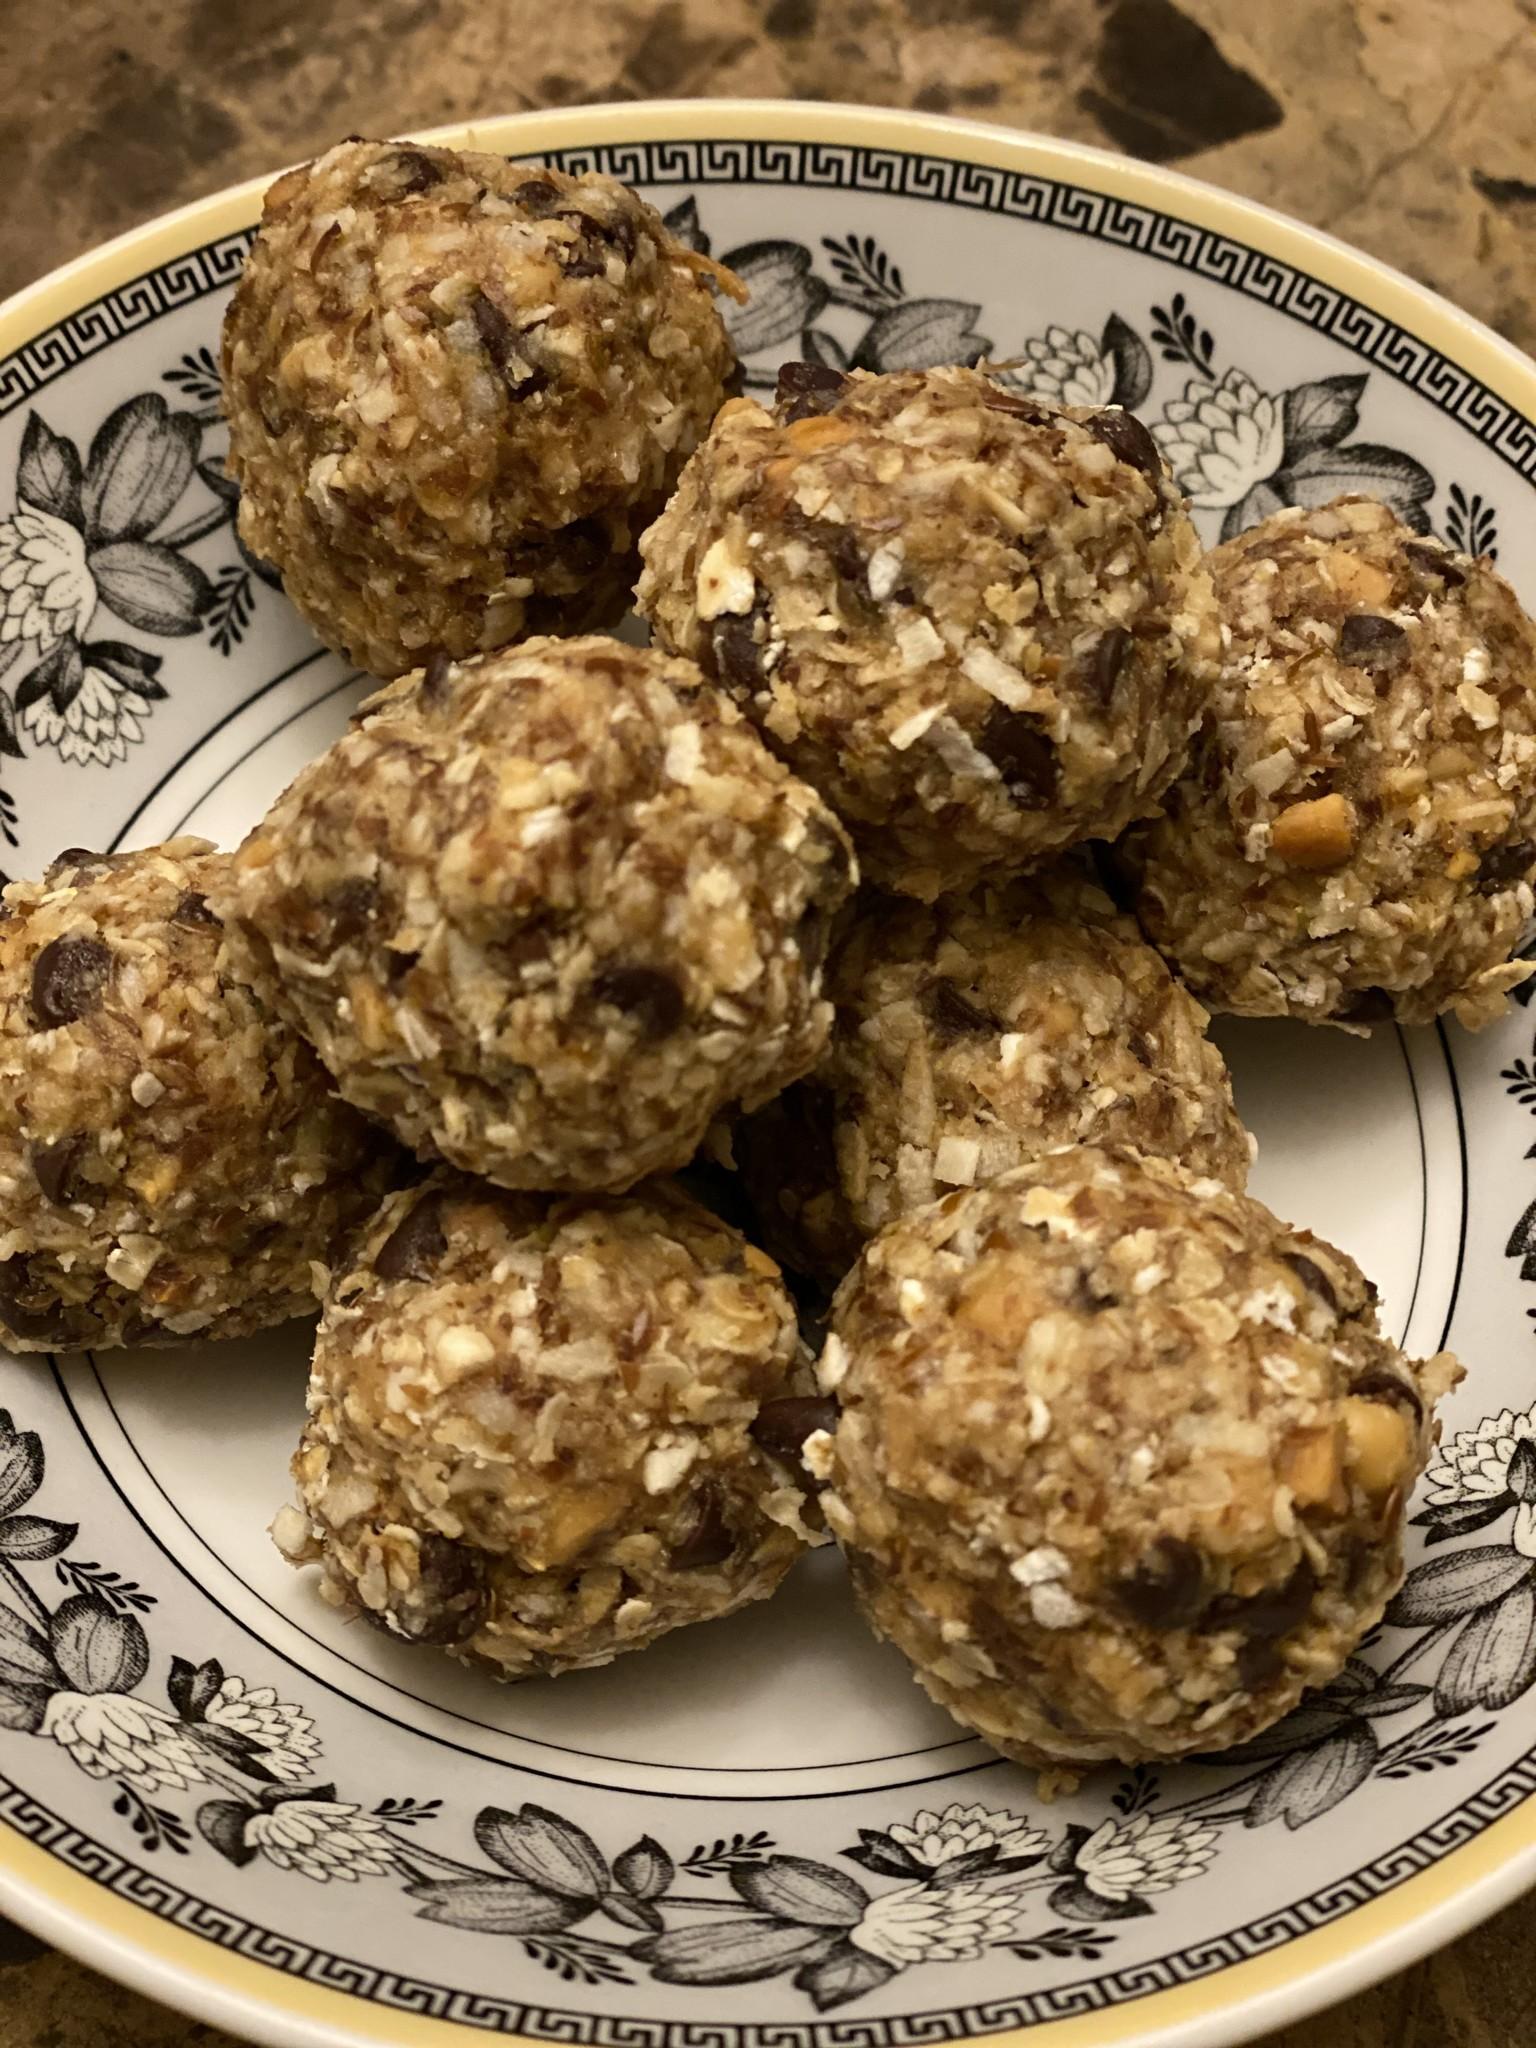 Bekah Kate's Comfort Foods #4 - Energy Bites